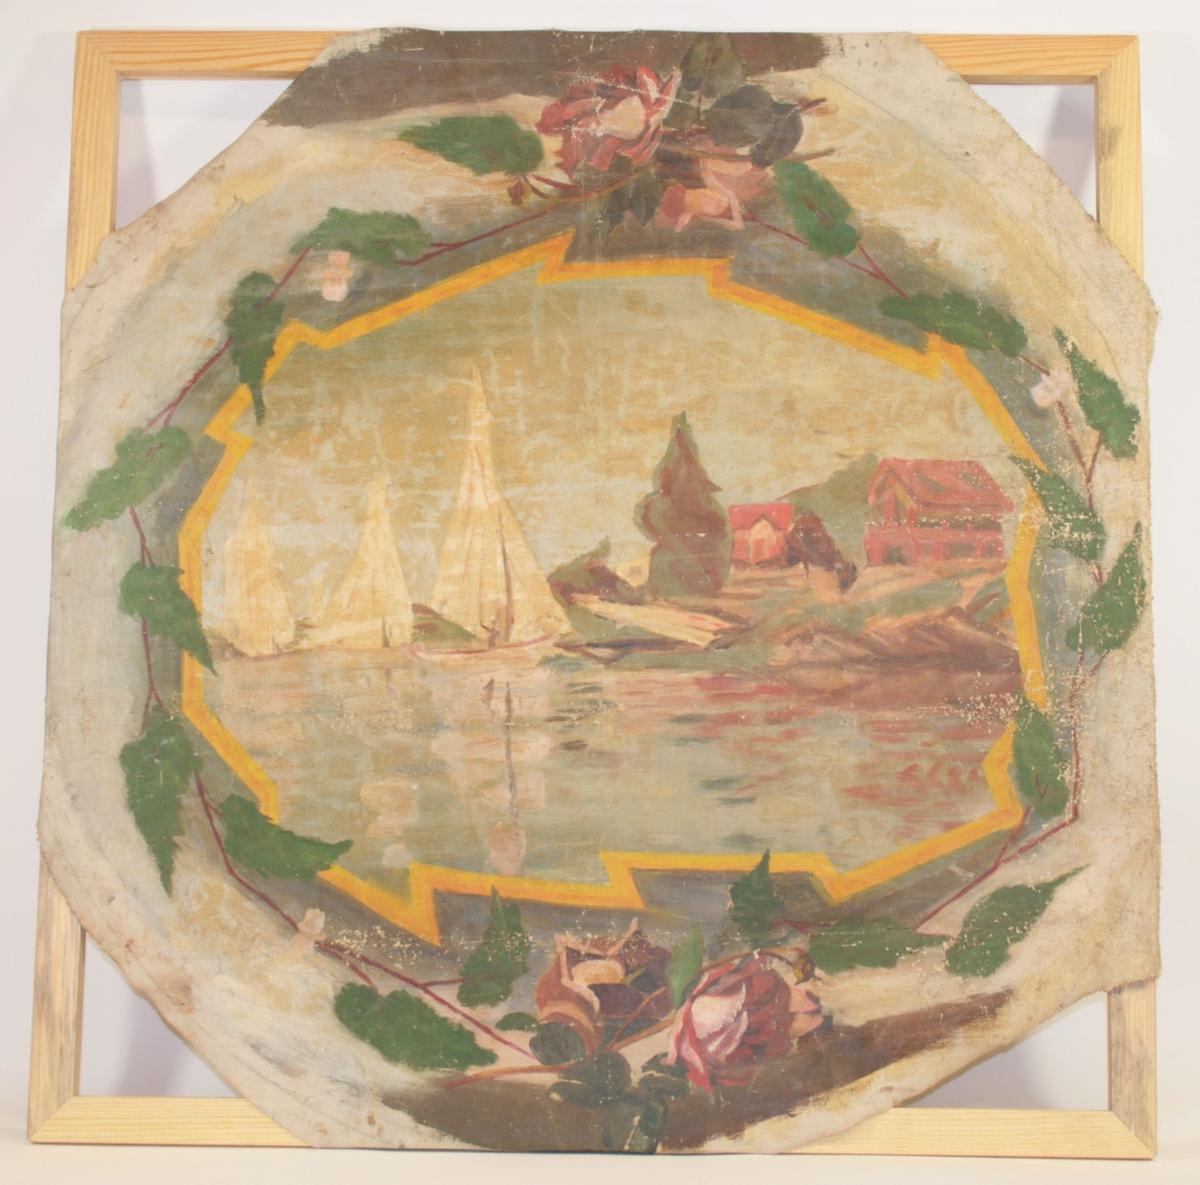 Motivet er ovalt og malt inne i en oval omringet av en girlander av grønne blader og roser oppe og nede. Det ovale motivet viser tre seilbåter som ligger til land til høyre i bildet. På landsiden er to røde hus med saltak og karnapp i to etasjer som ligger bakenfor hverandre.